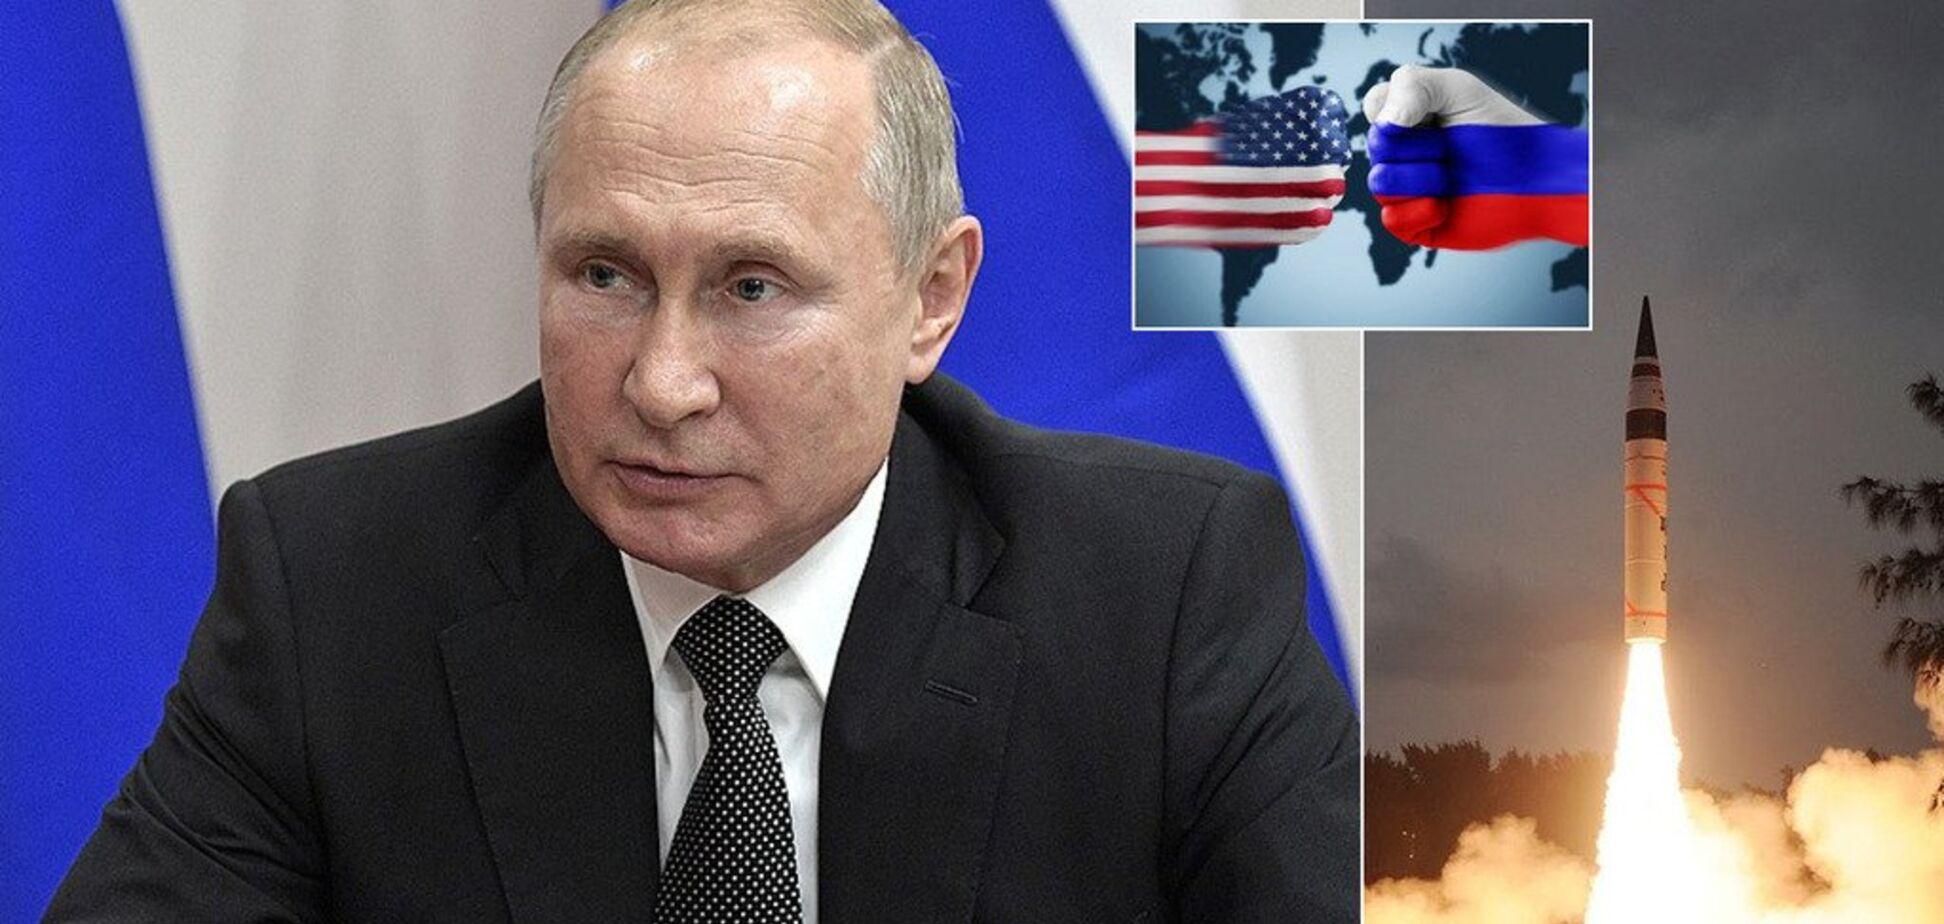 США обвинили РФ в краже технологий: кто под угрозой